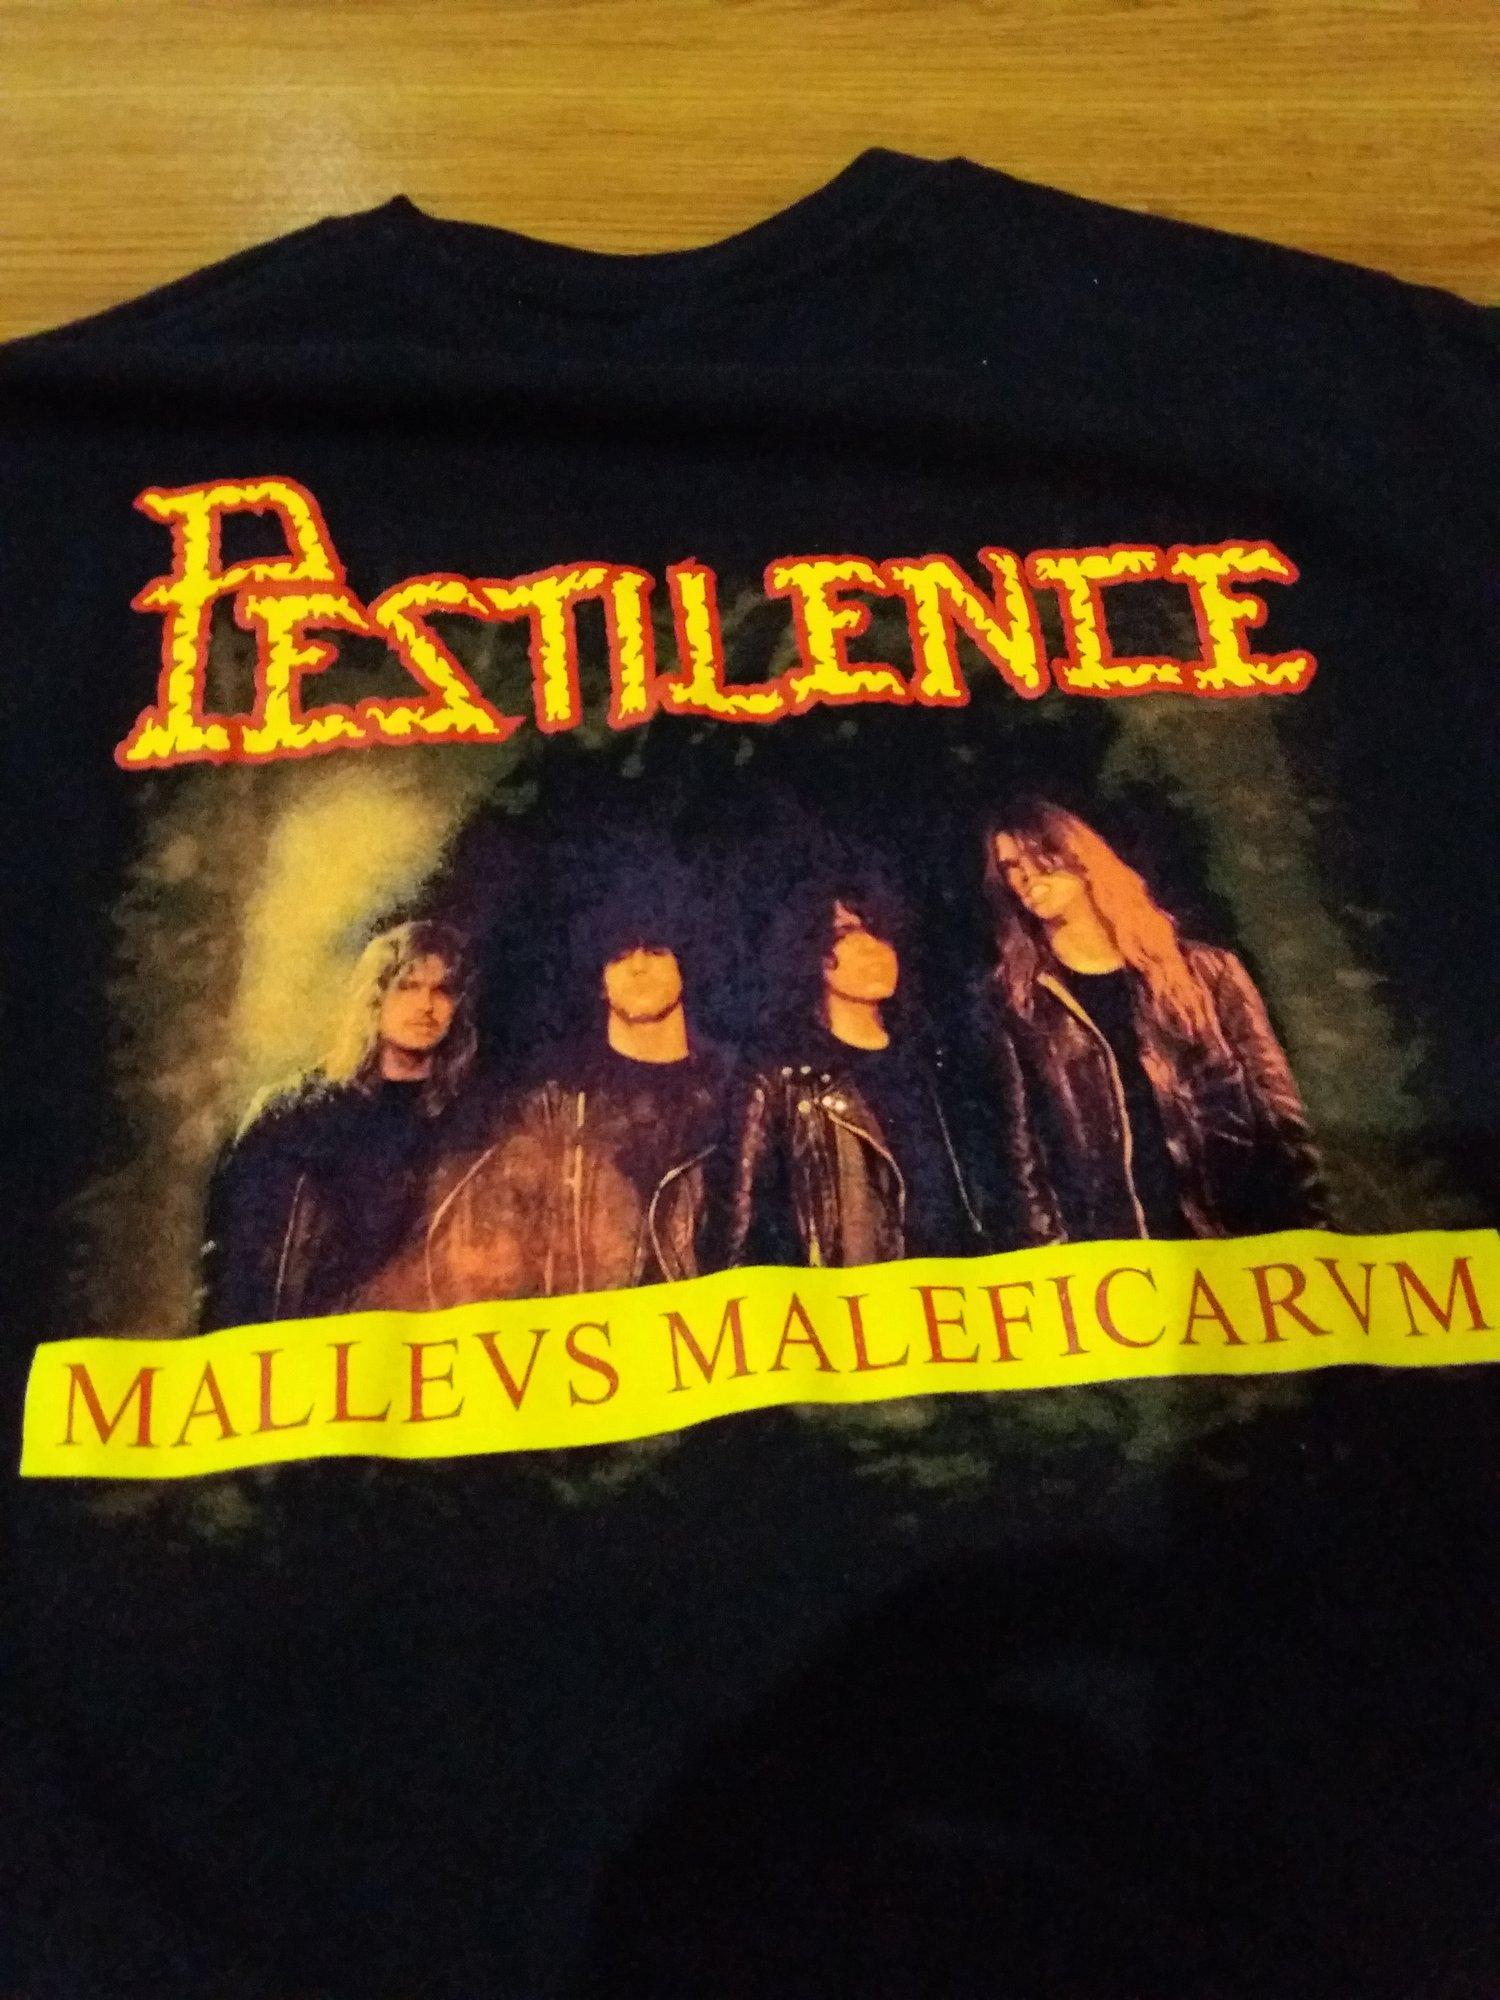 Image of Pestilence - Mallevs Malevicarvm - SALE 20% OFF